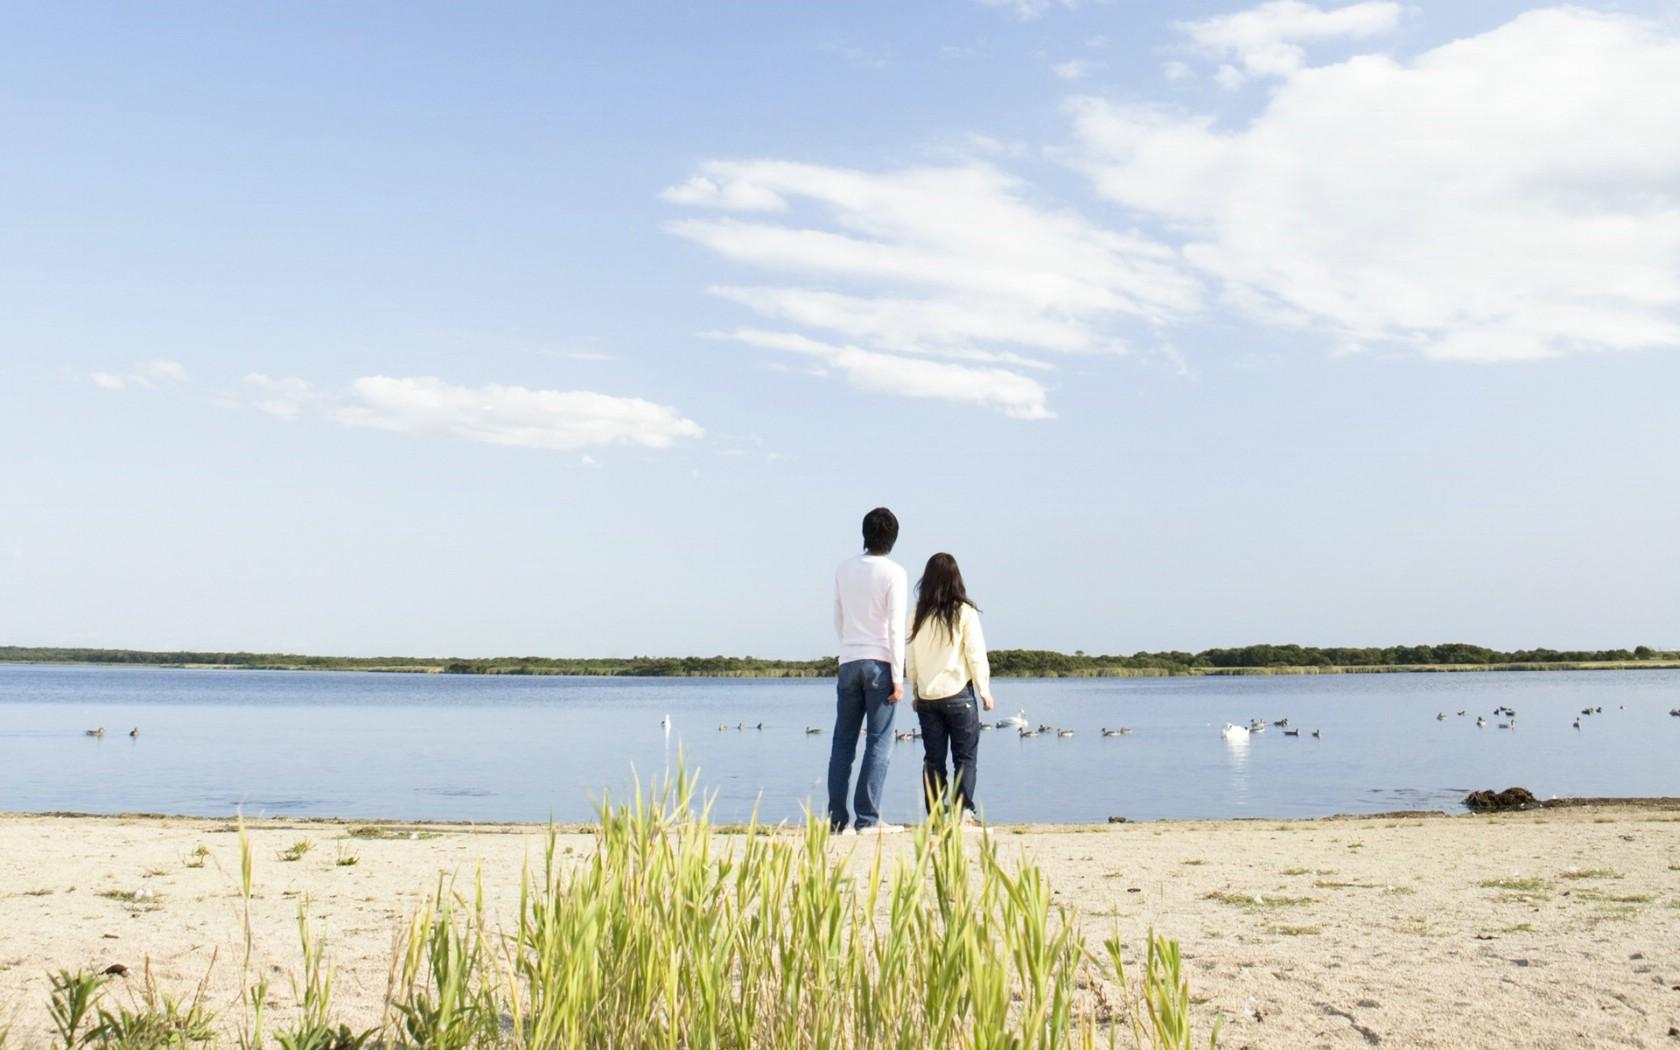 甜蜜情侣图片壁纸 夏日休闲与阳光海滩壁纸图片风景